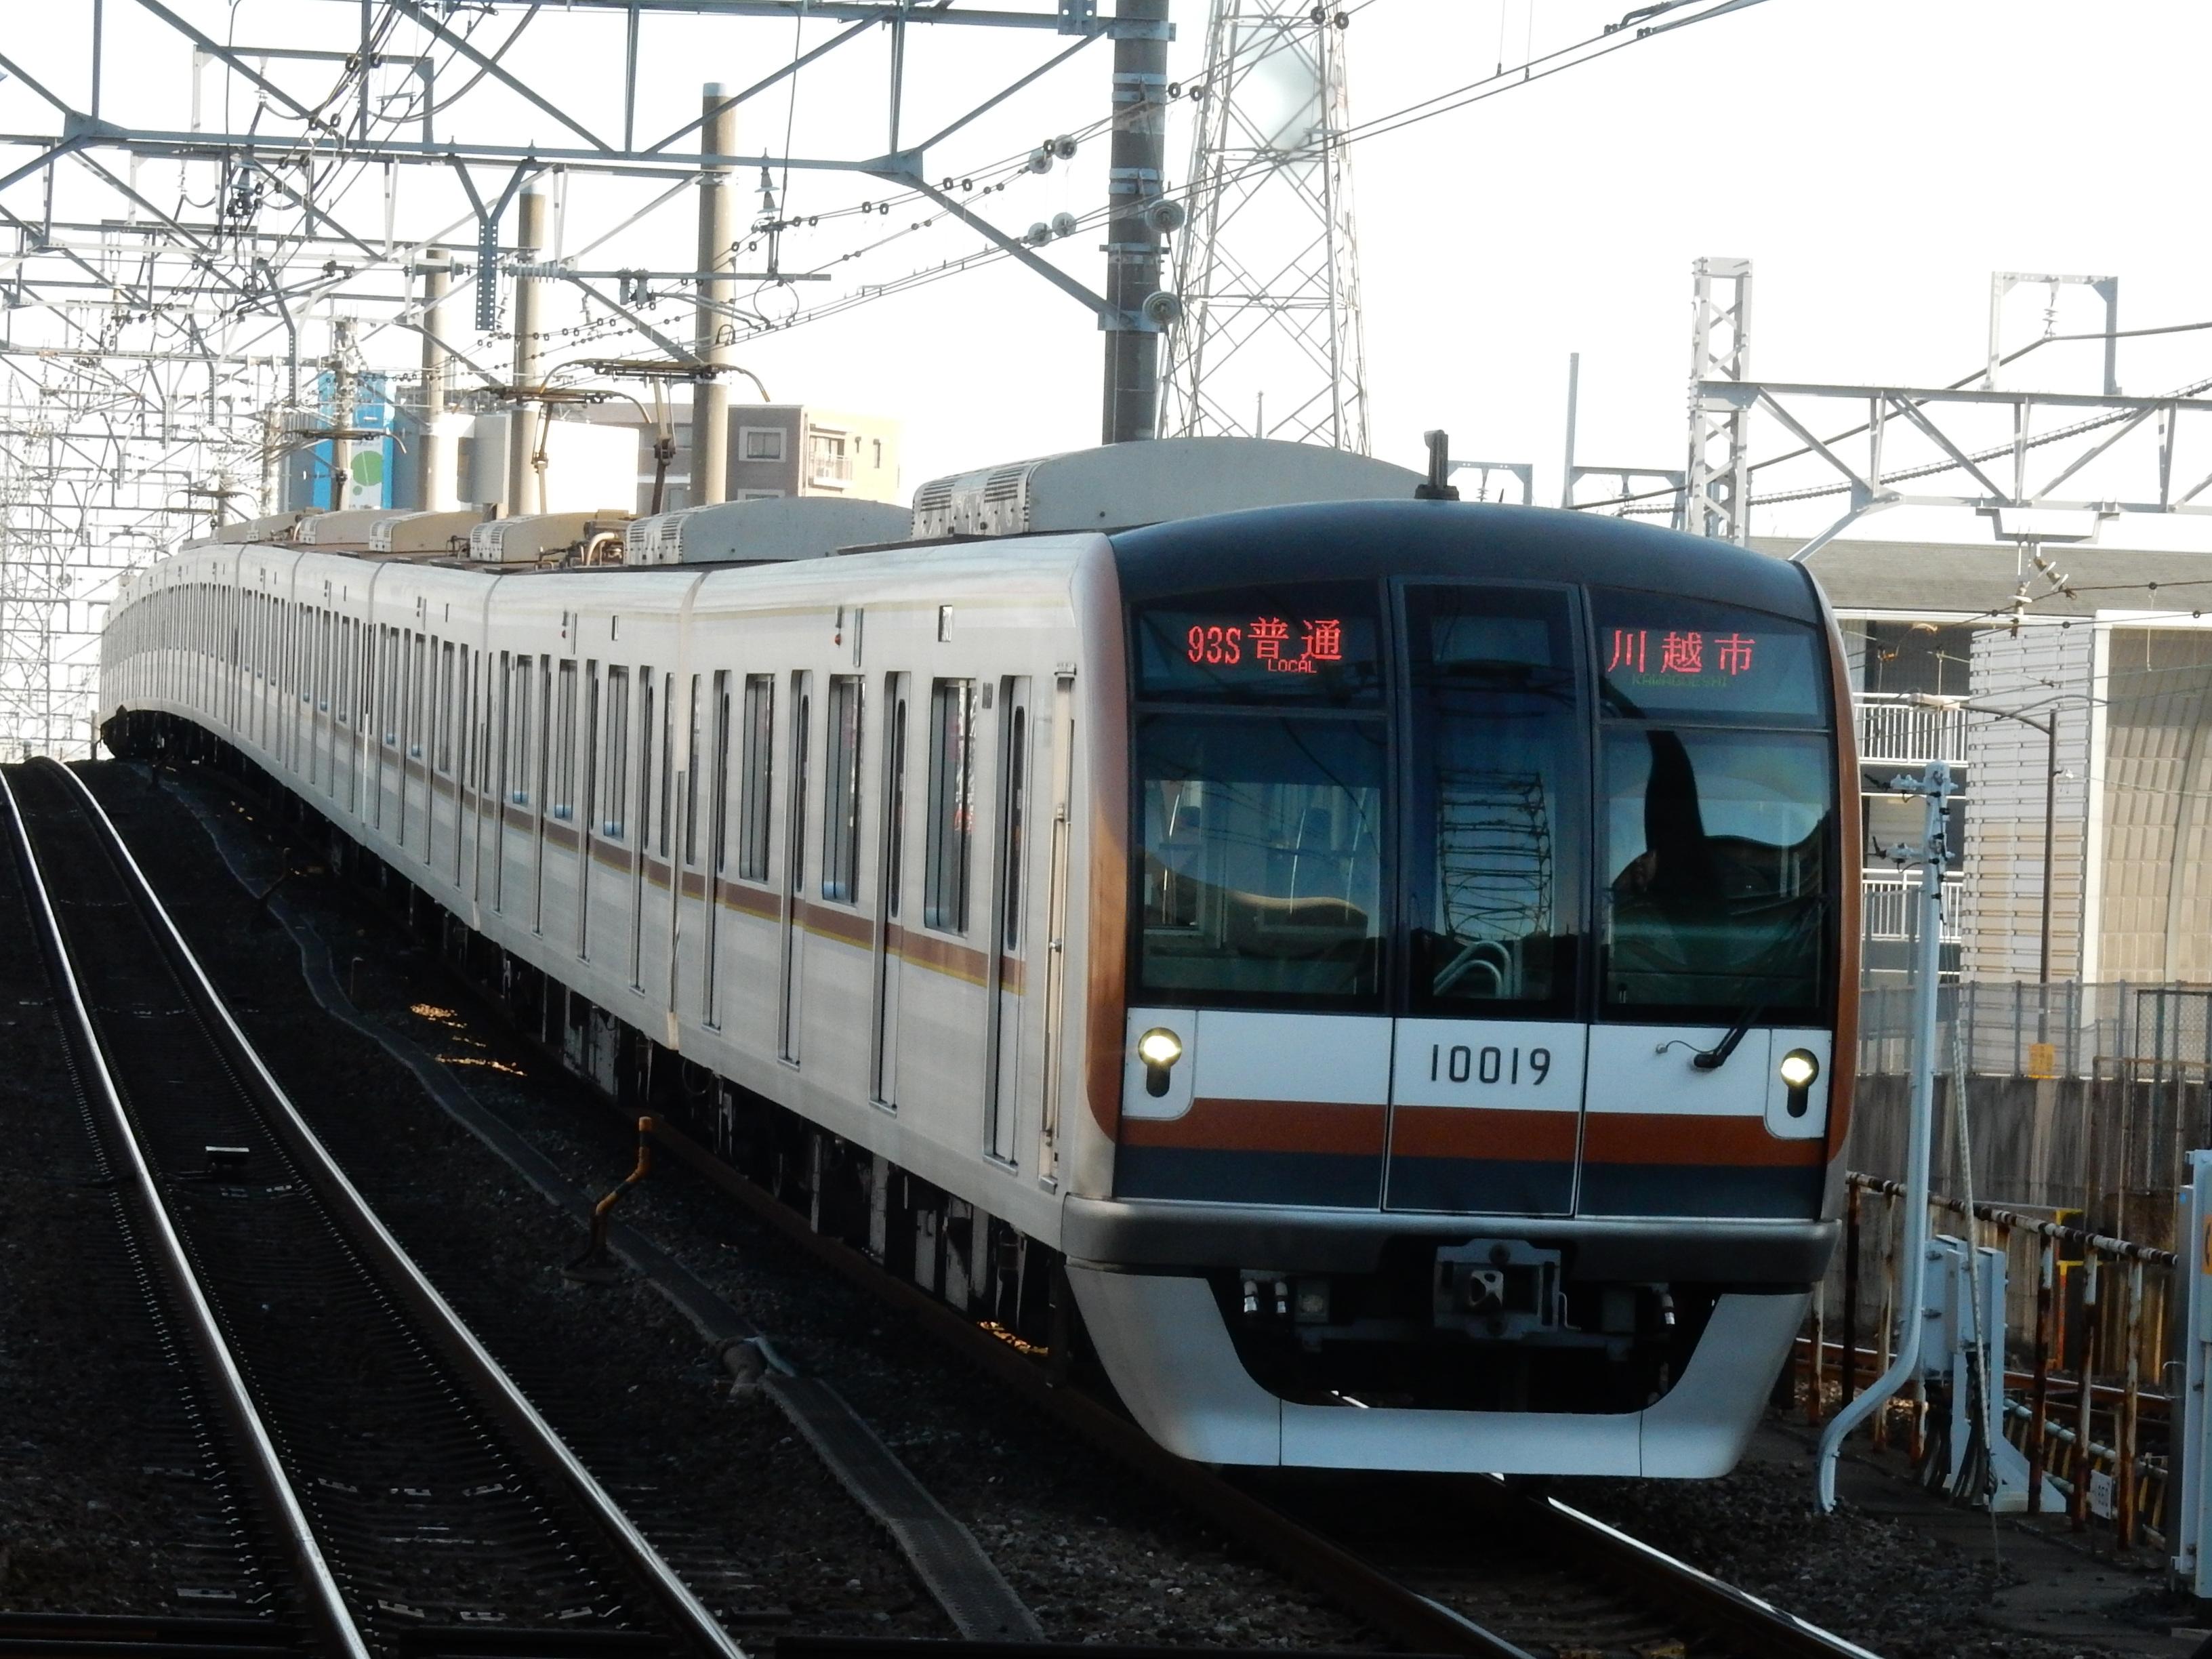 DSCN9726.jpg